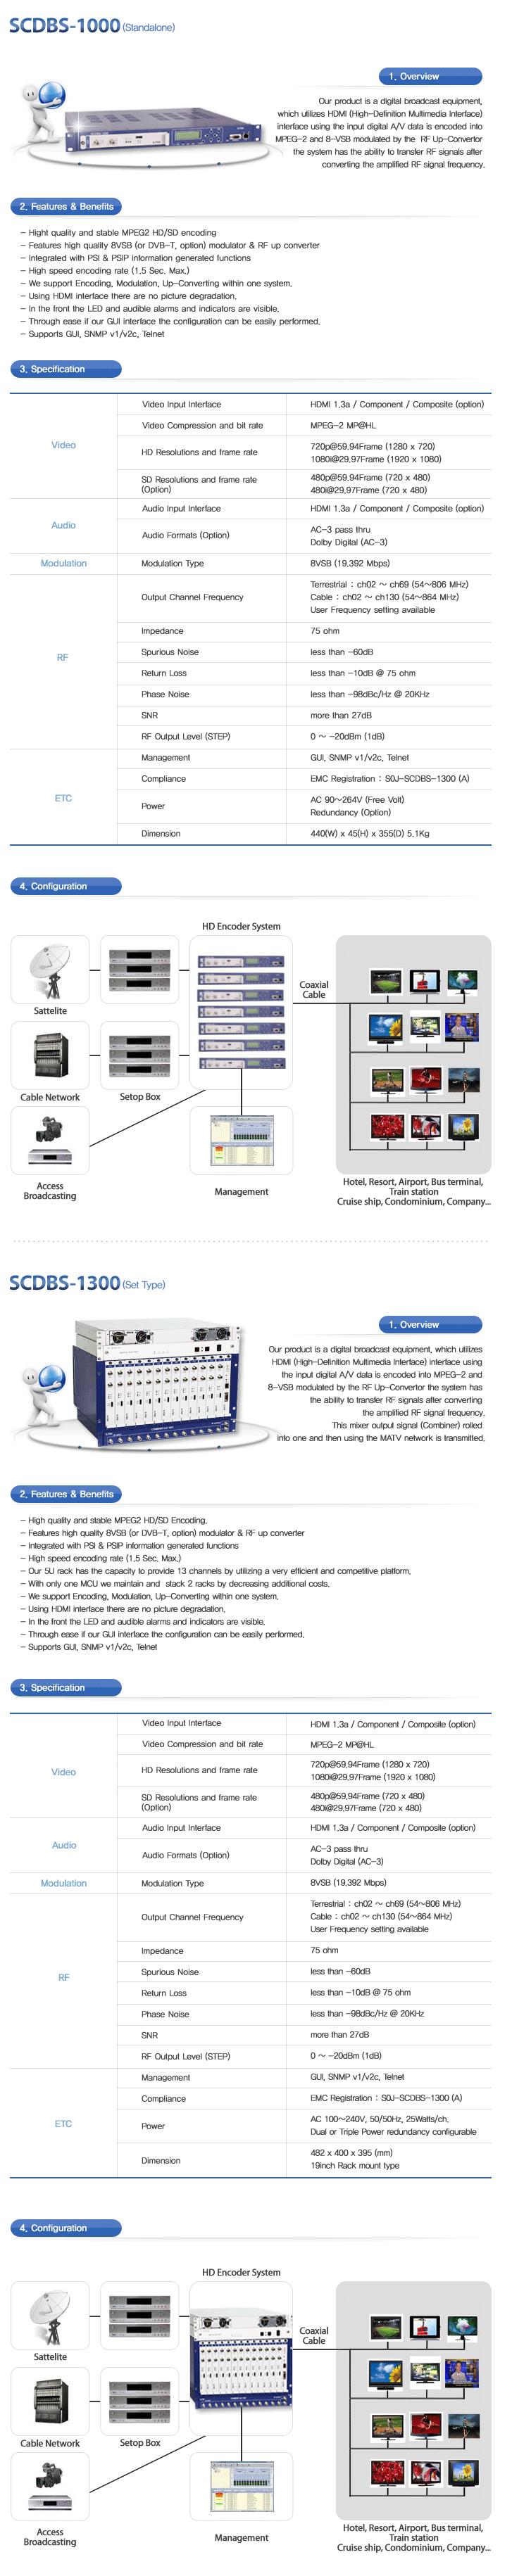 SJ Tek Broadcasting System SCDBS-1000/1300